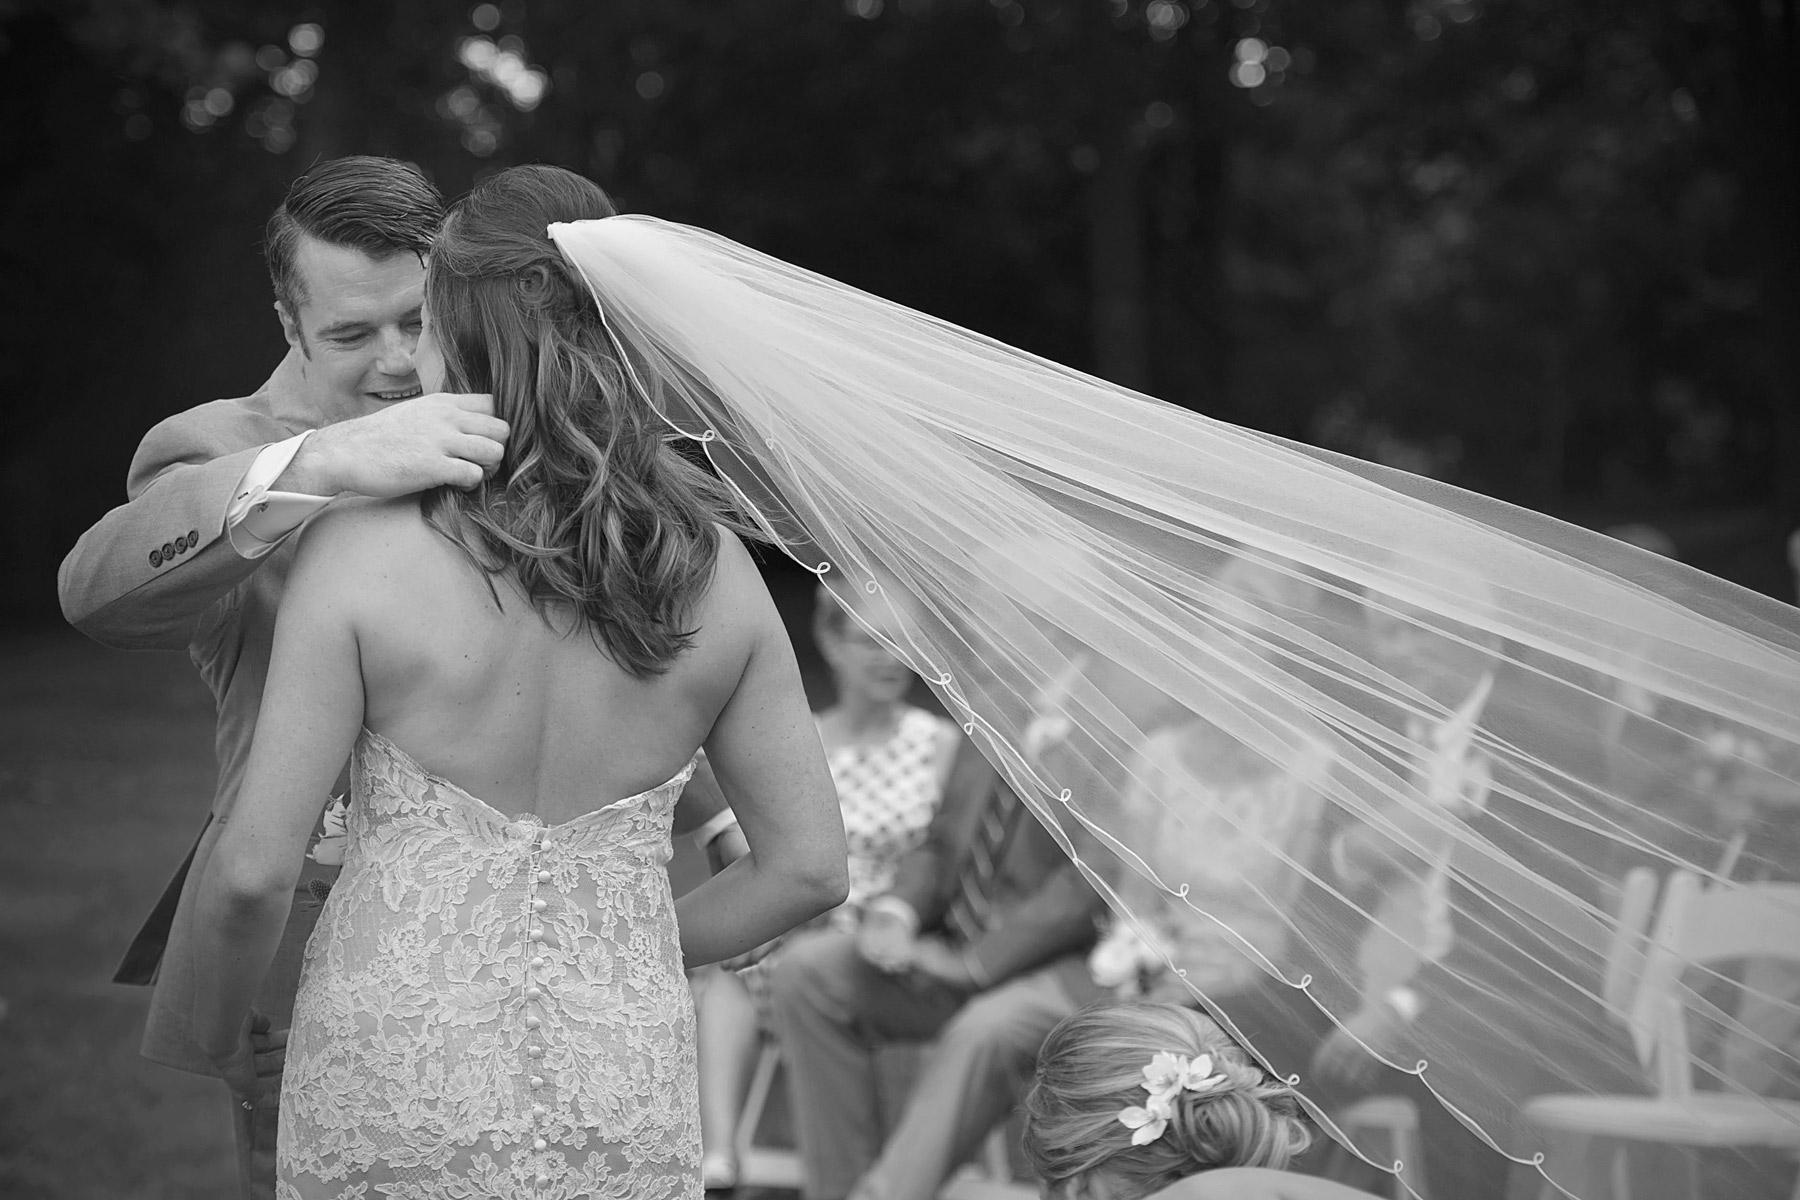 groom tucks hair behind bride's ear as her veil blows in the wind